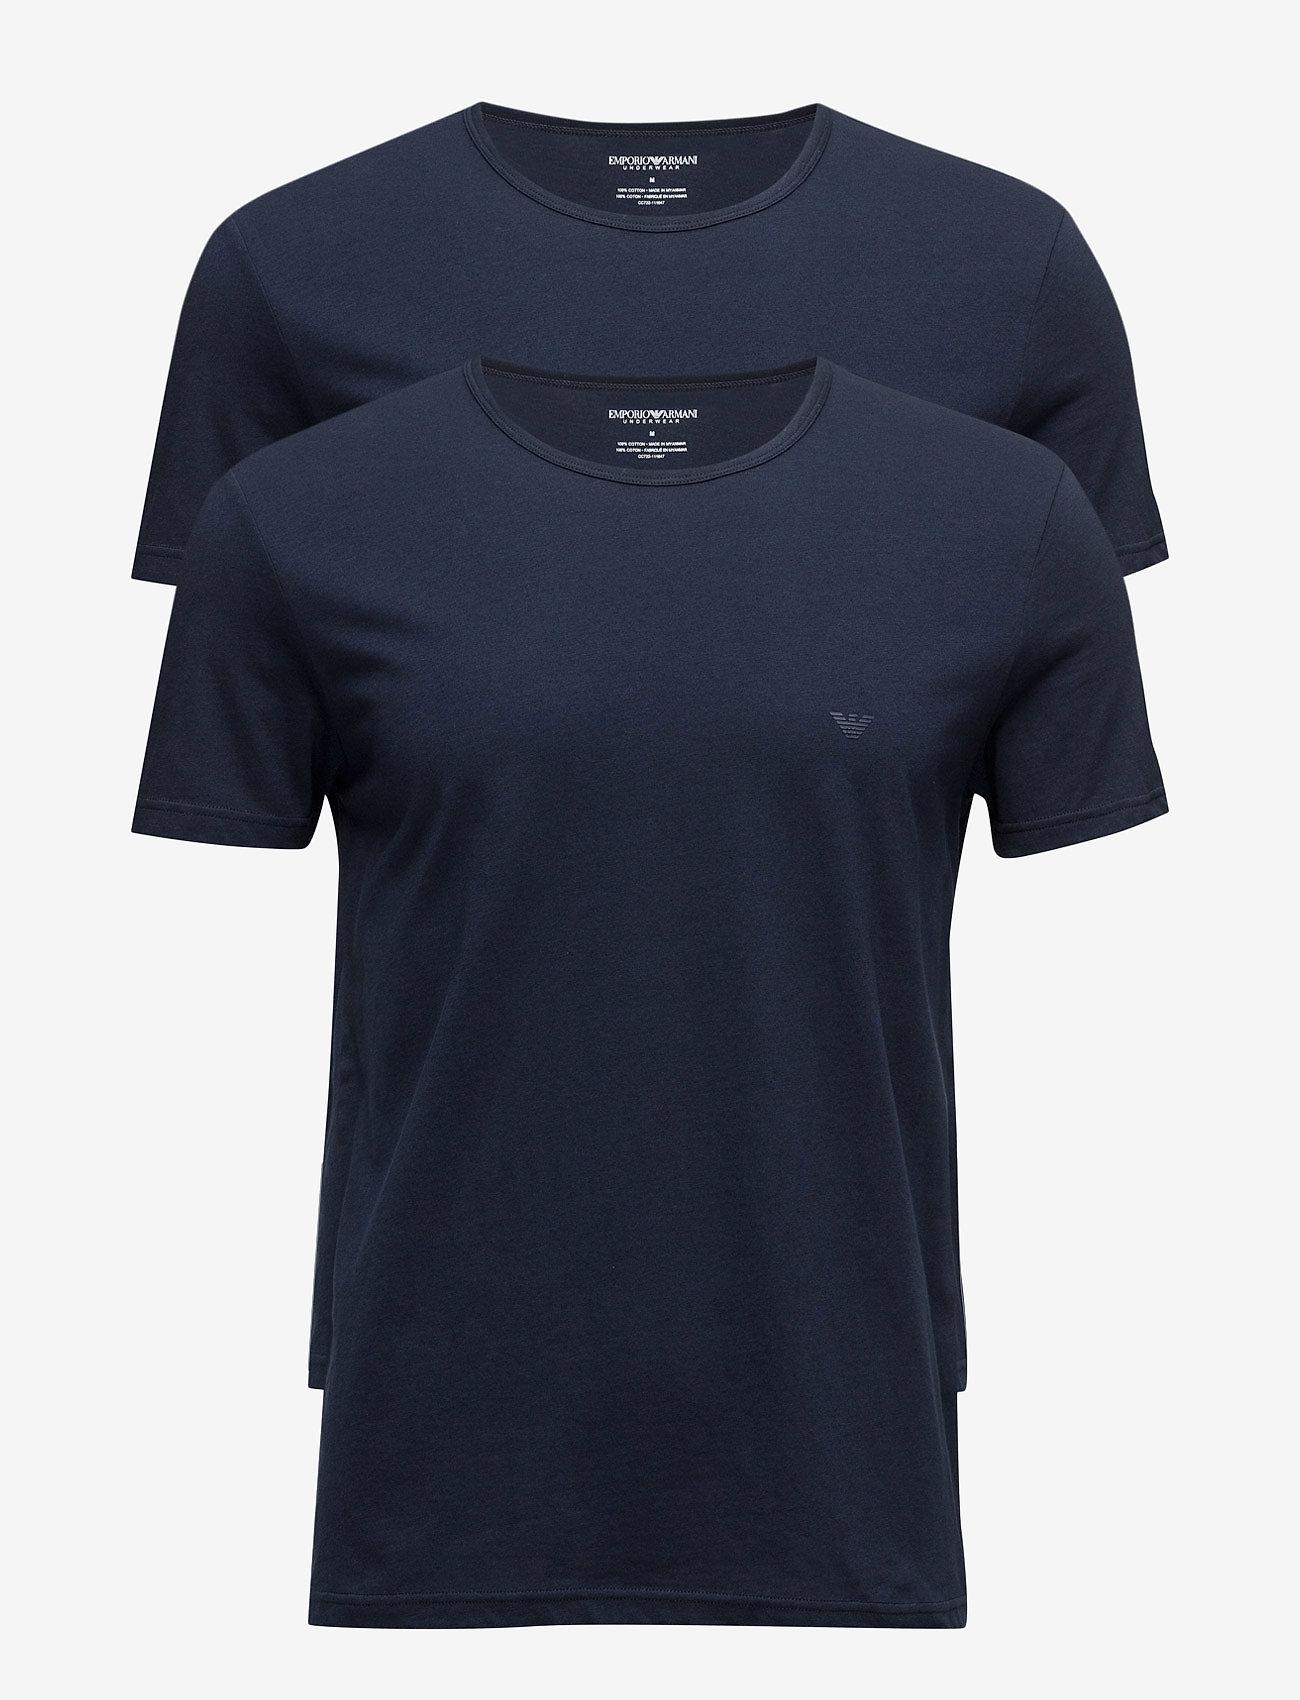 Emporio Armani - MENS KNIT 2PACK TSH - t-shirts basiques - marine/marine - 0